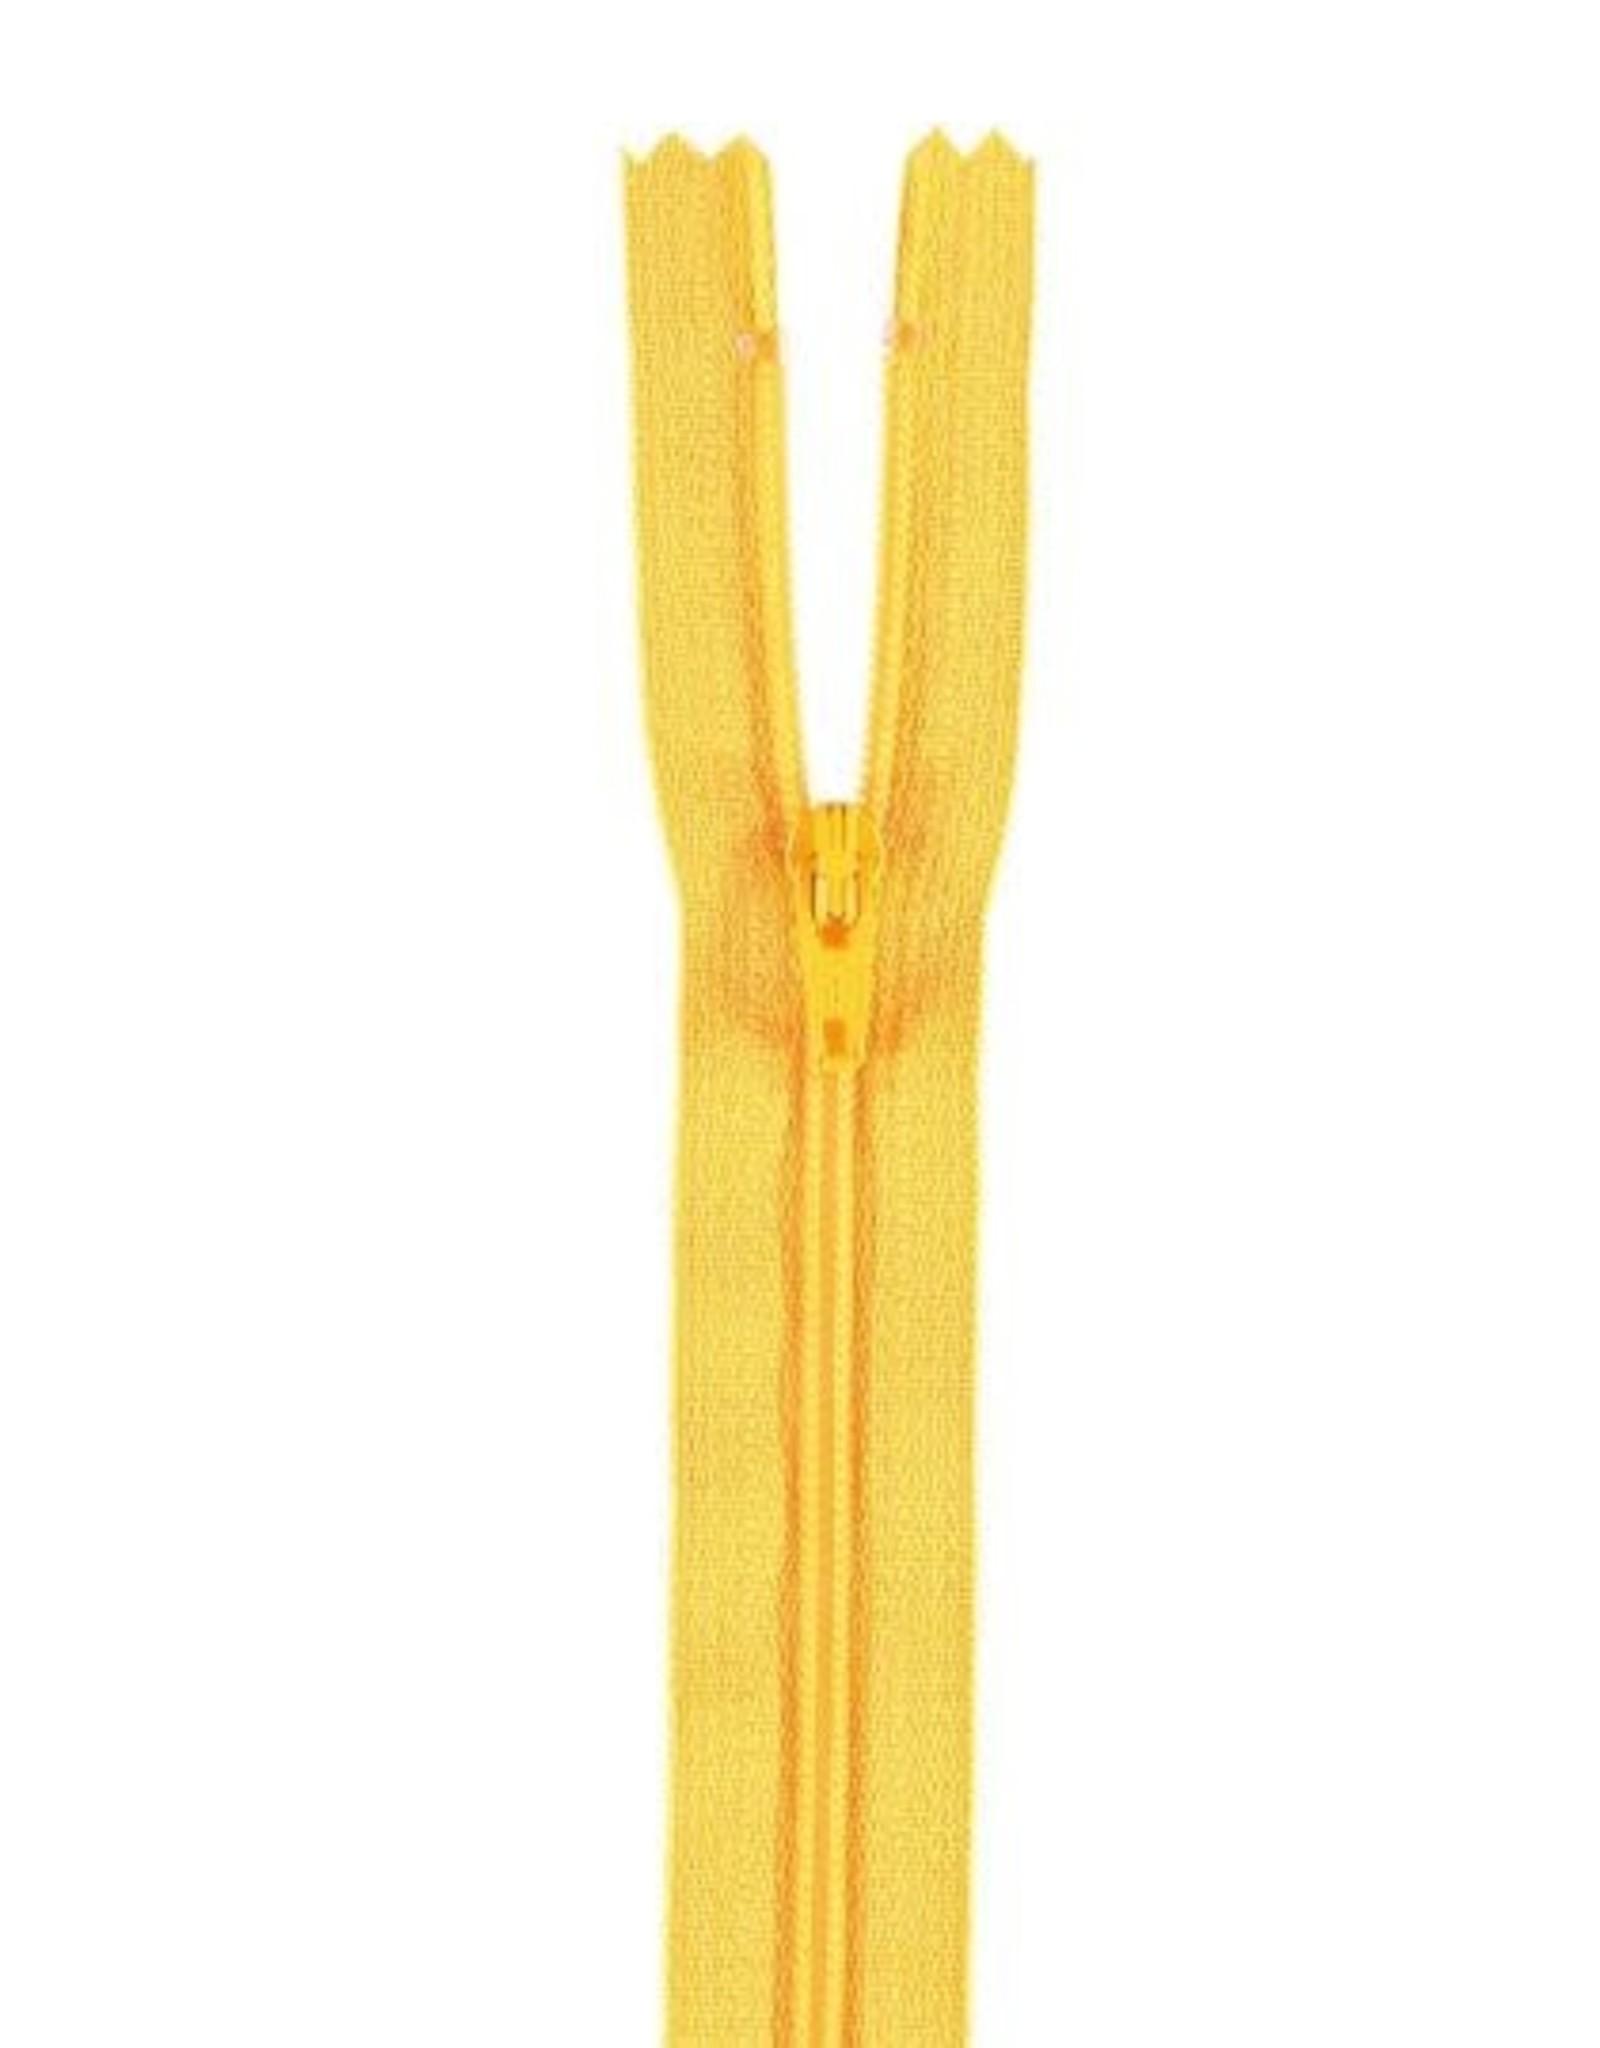 YKK Spiraalrits niet-DB 3mm geel 506-12cm